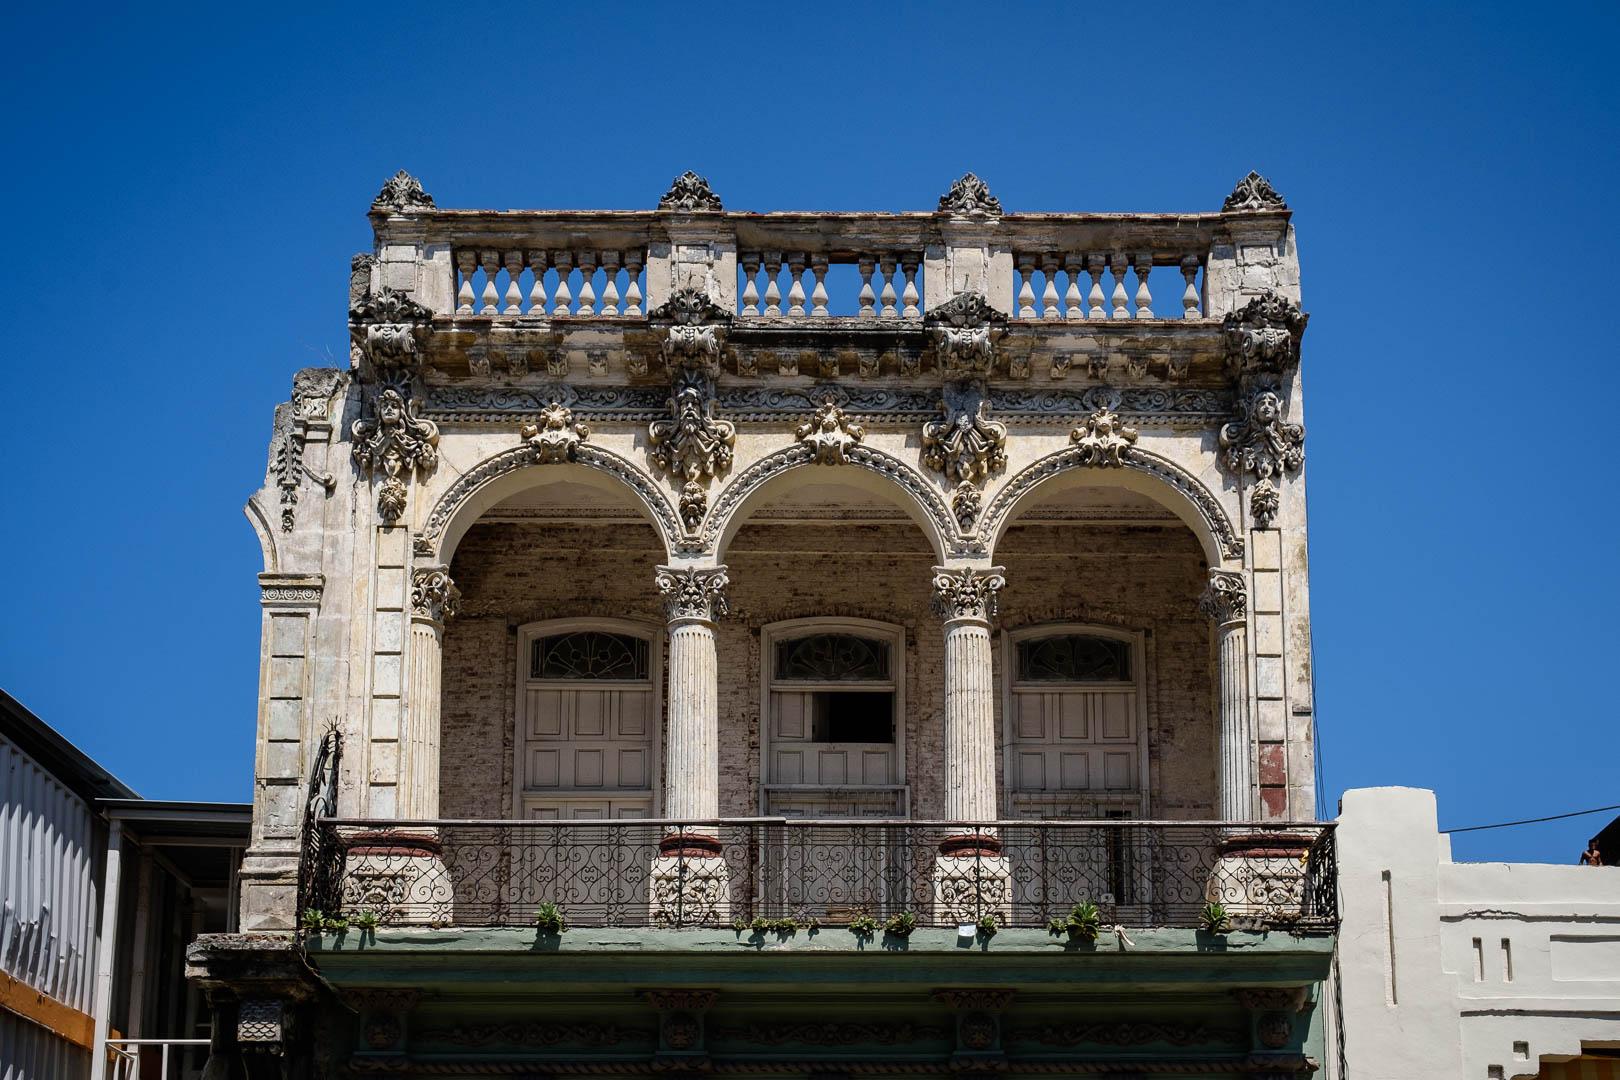 180501-Havana-283-1080.jpg